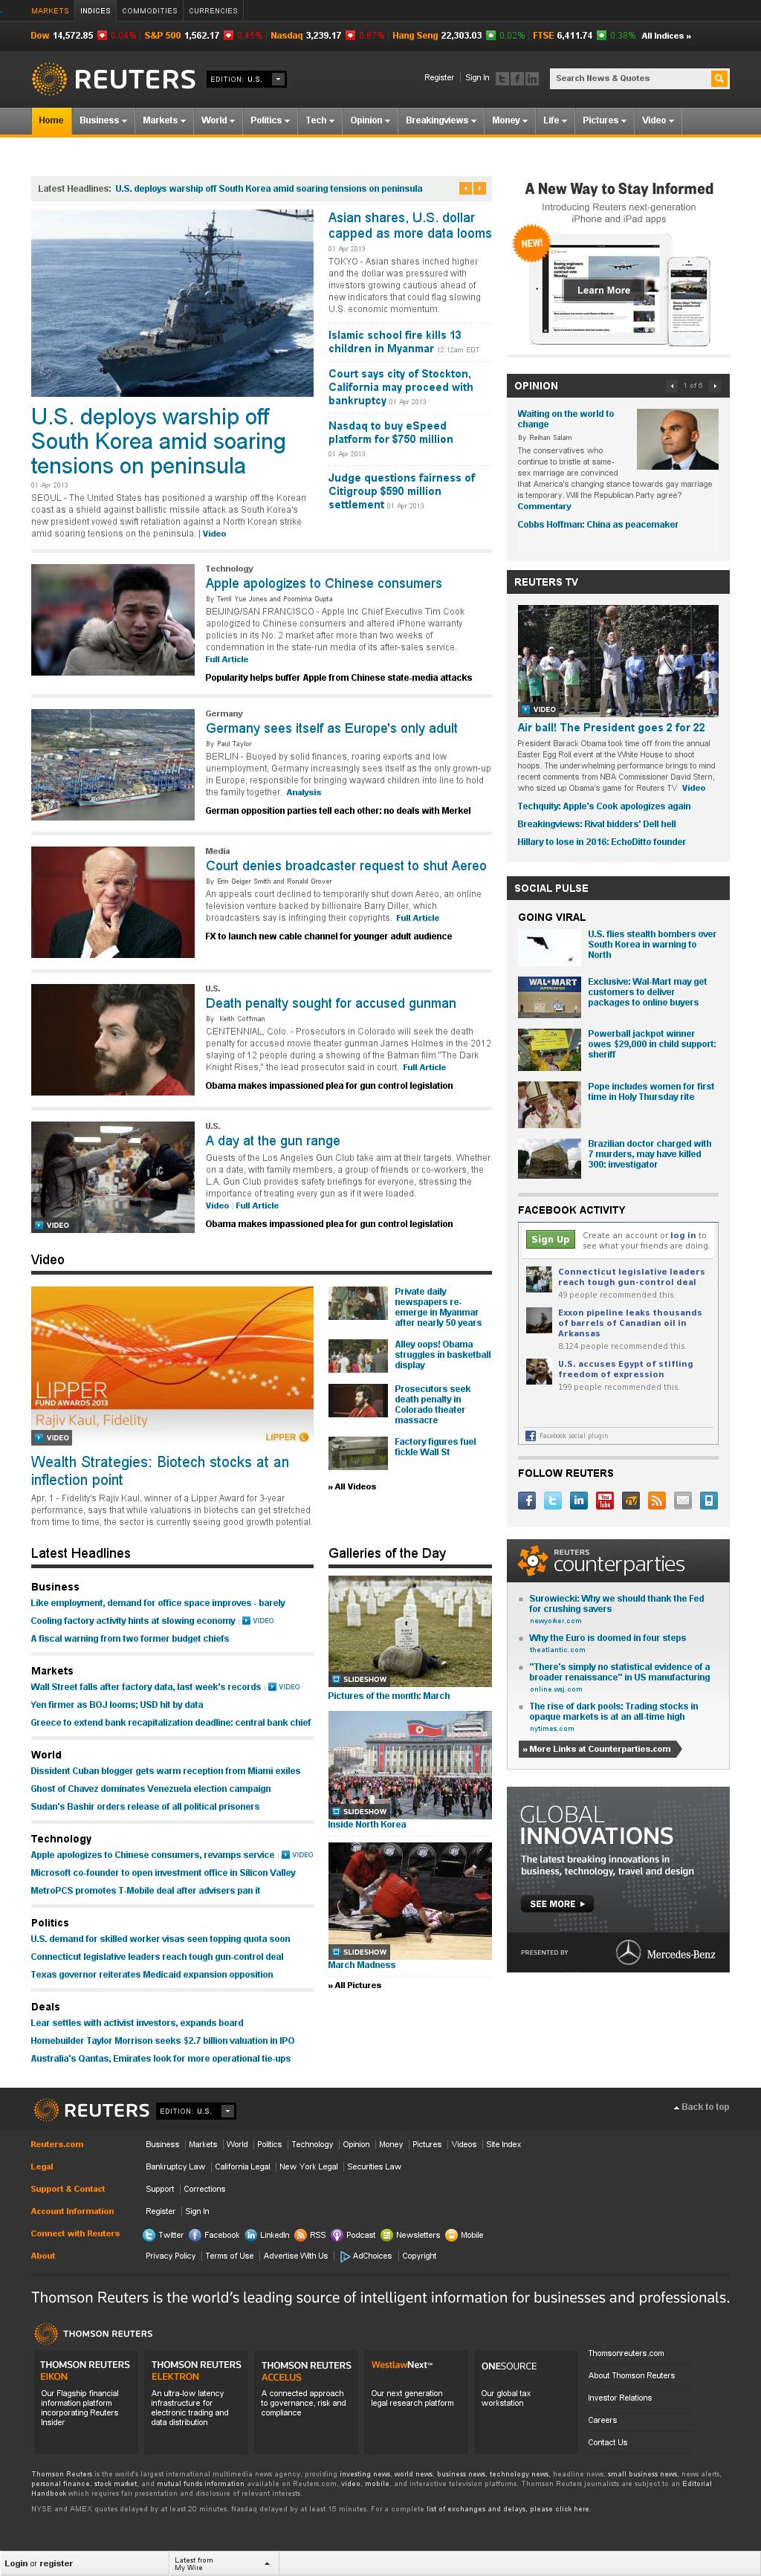 Reuters at Tuesday April 2, 2013, 4:21 a.m. UTC